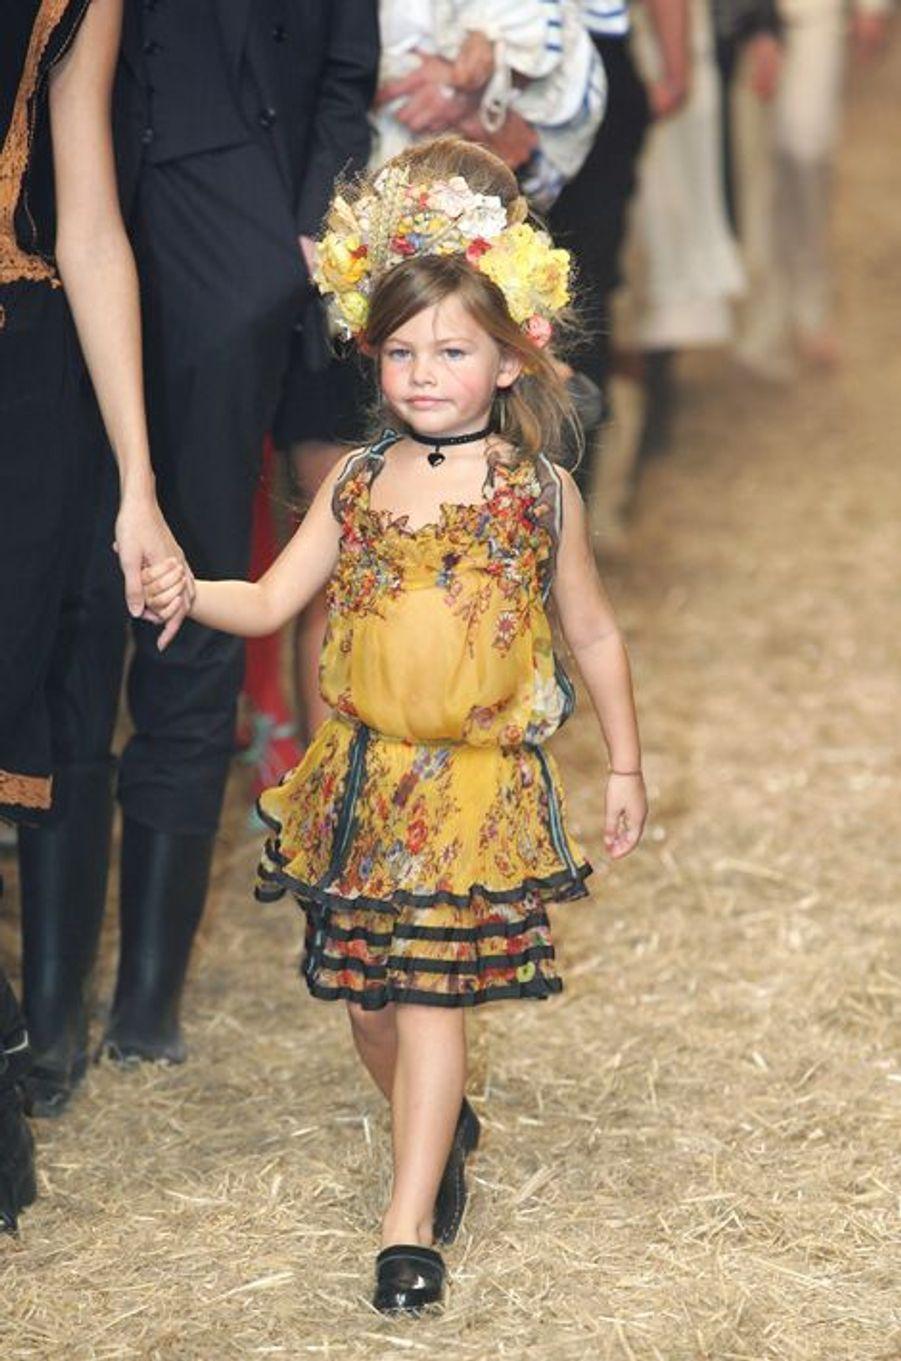 """La fille de l'animatrice Véronika Loubryavait fait polémique en posant, à seulement 10 ans, dans le magazine """"Vogue"""", maquillée et portant des vêtements d'adulte."""